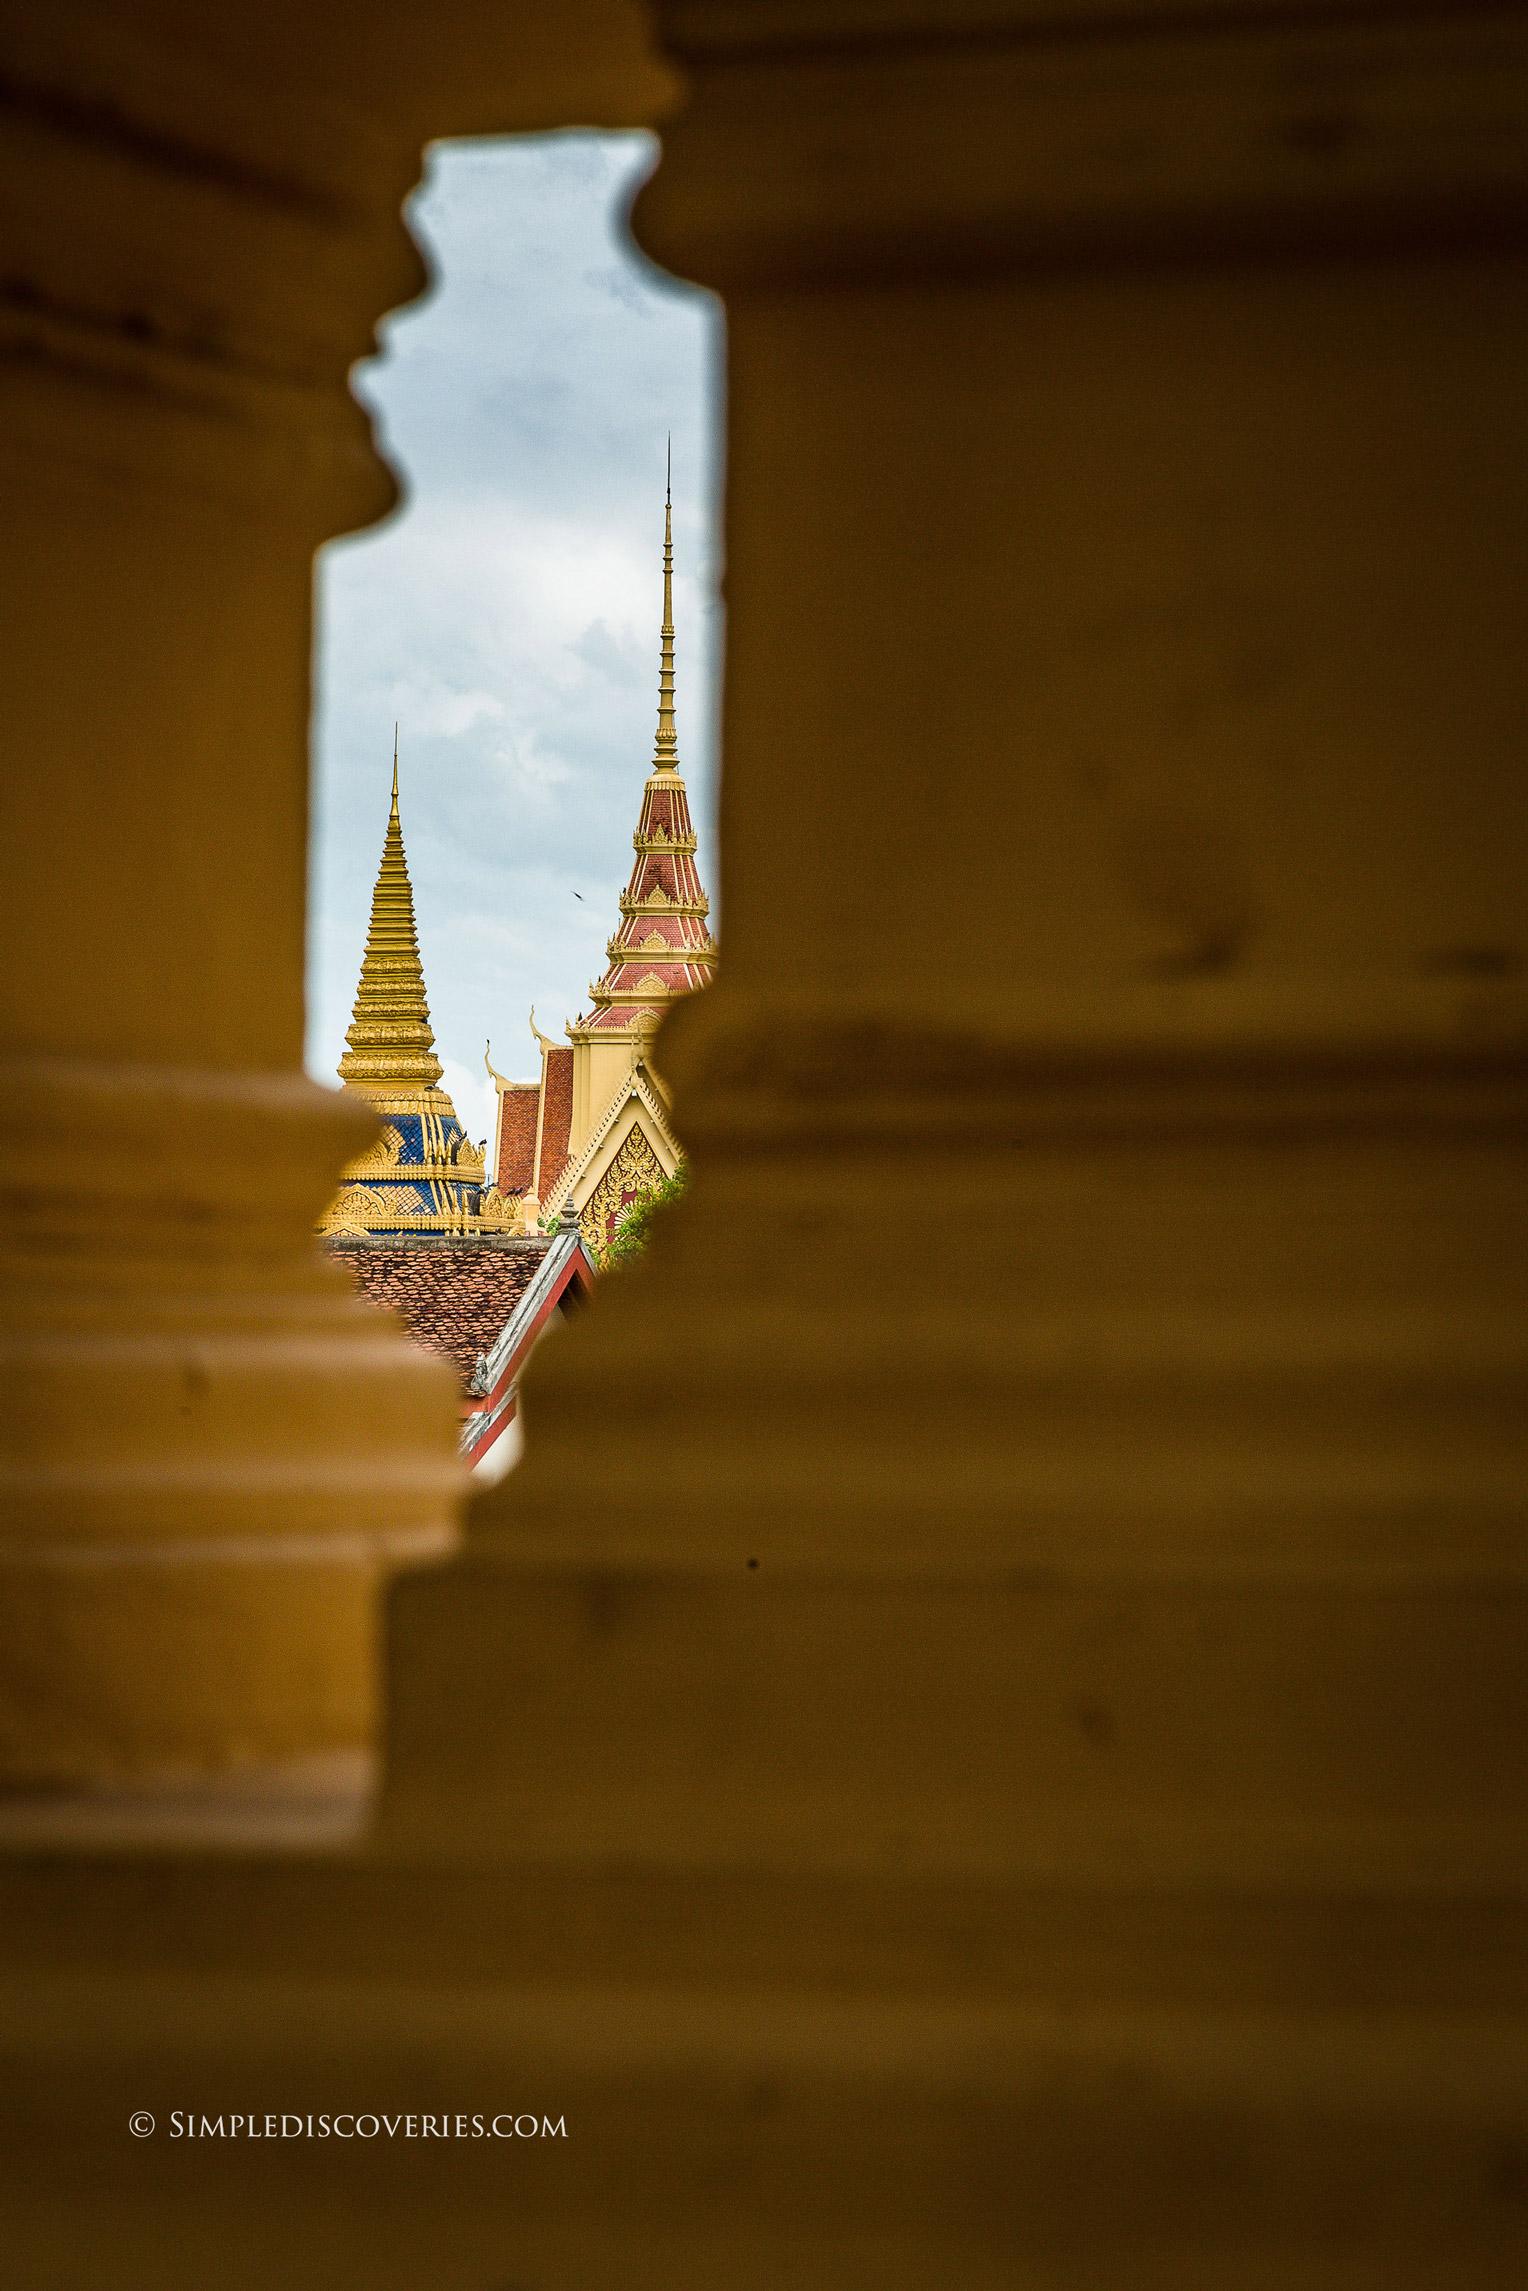 cambodia_royal_palace_spires